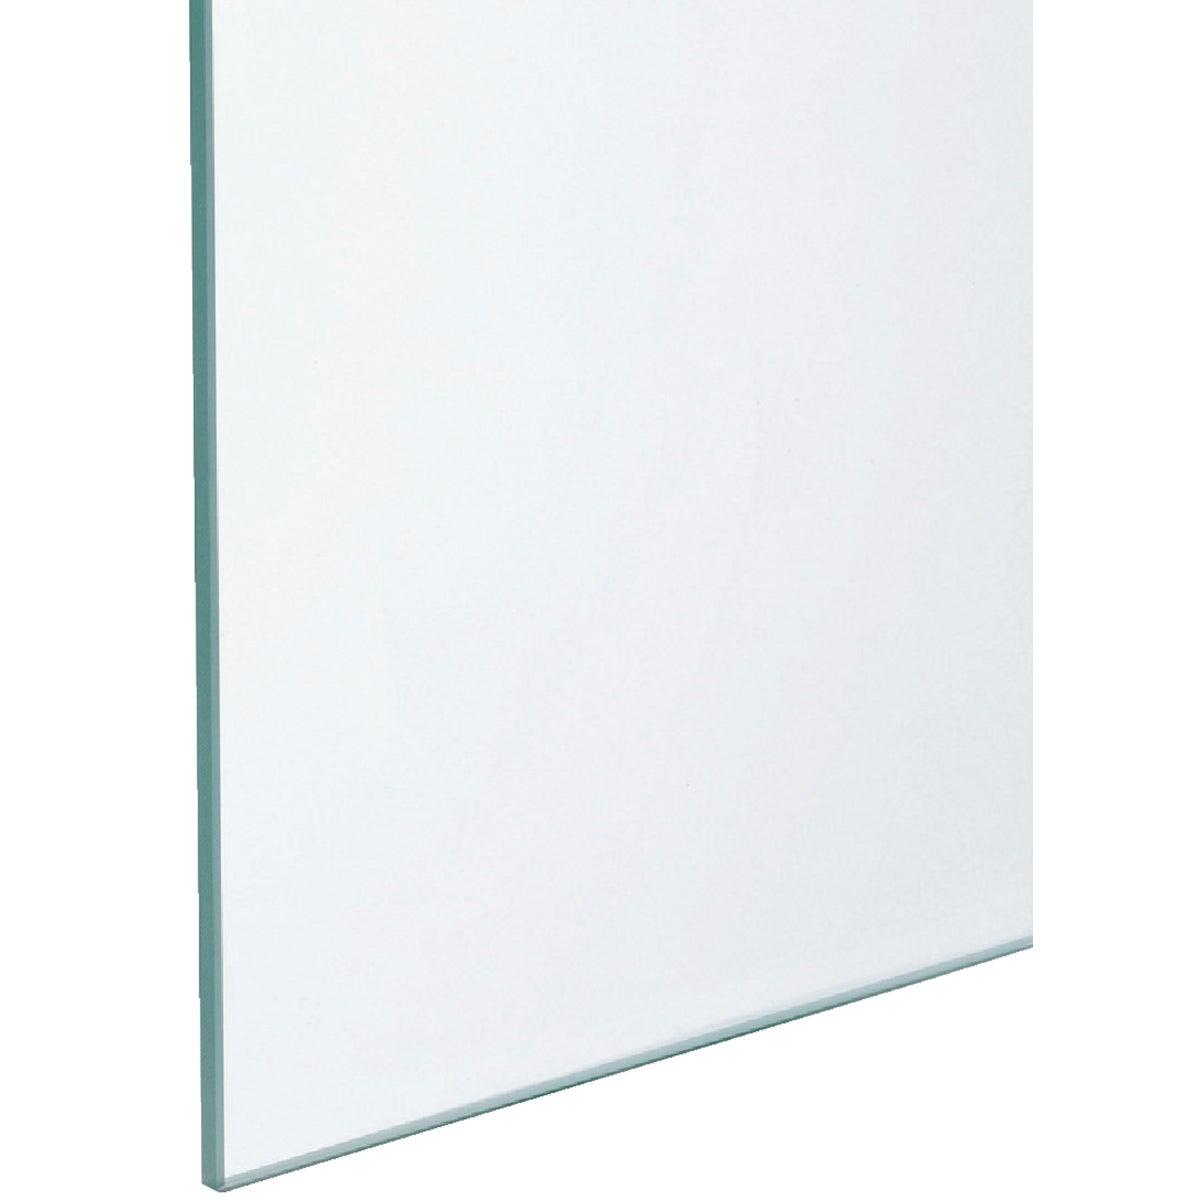 24X48SSB WINDOW GLASS 6